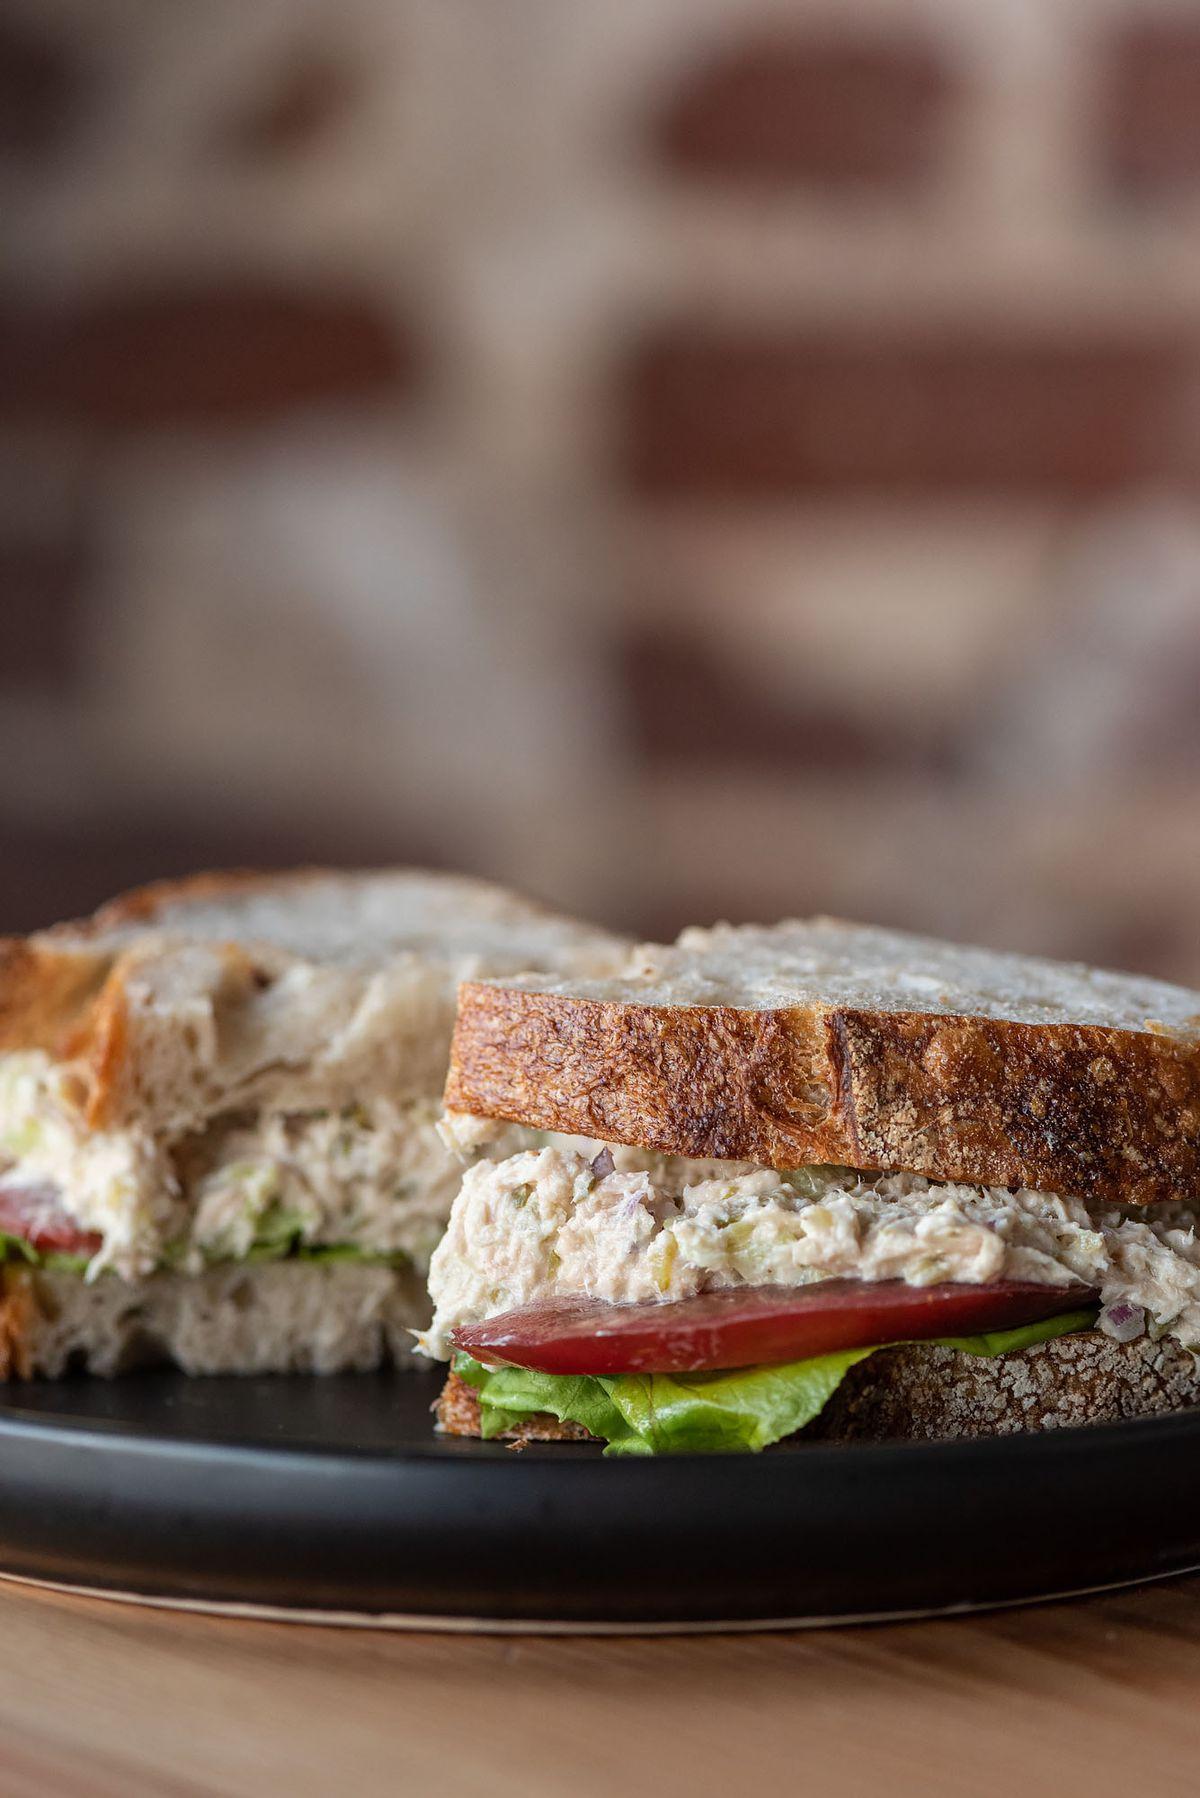 A tomato, lettuce, and tuna salad sandwich.